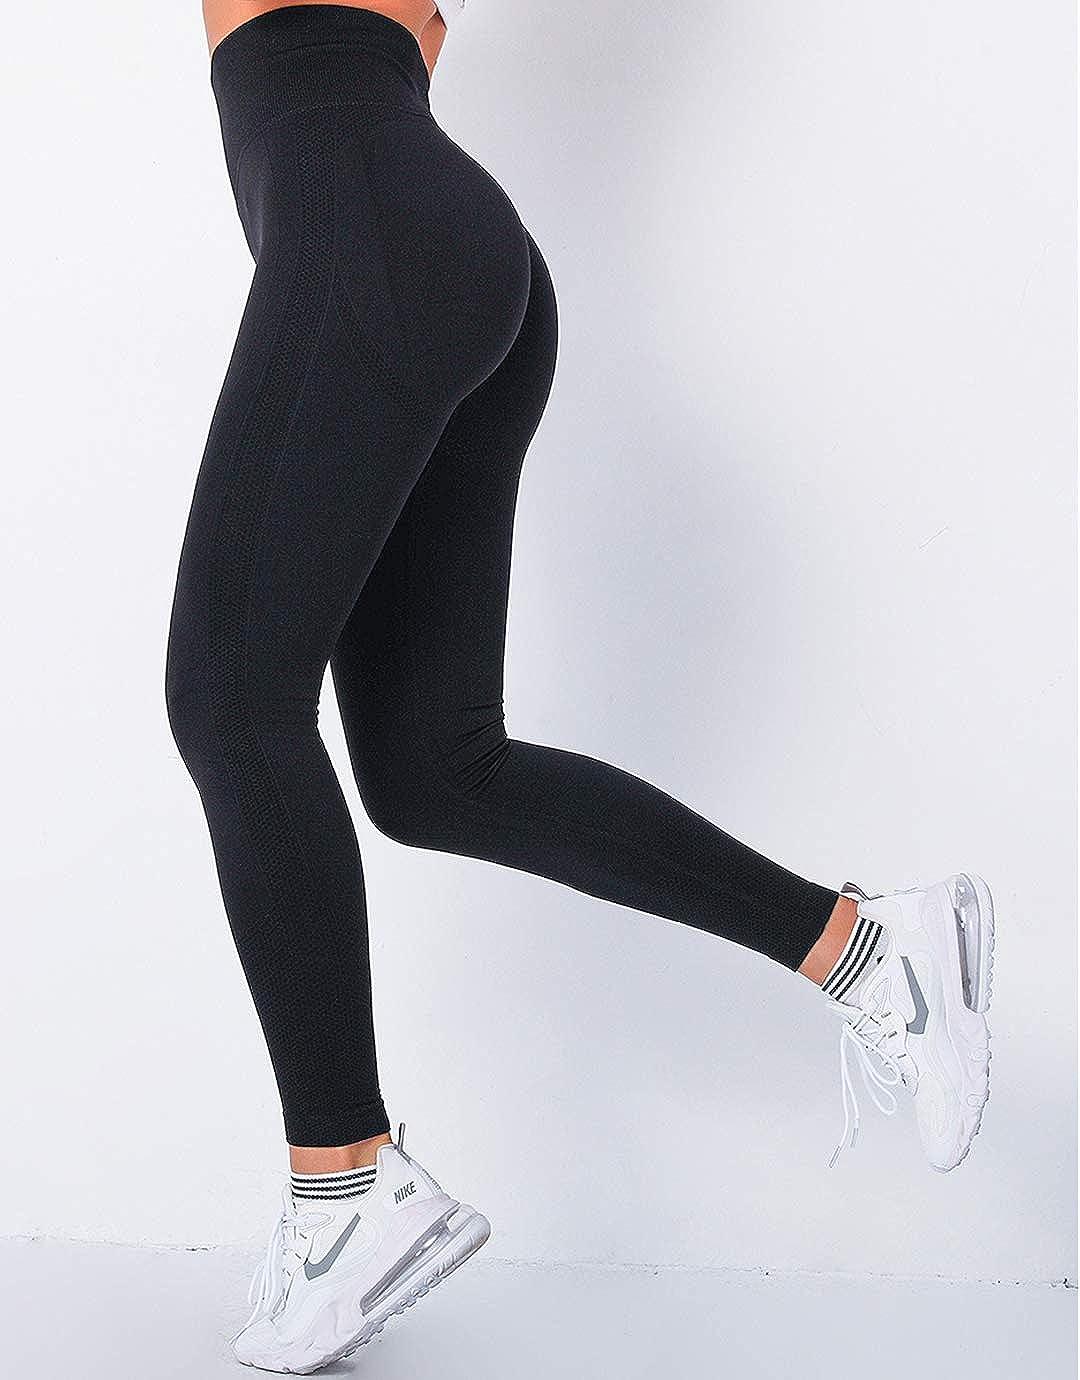 MANIFIQUE Seamless Leggings for Women Butt Lift High Waist Yoga Pants